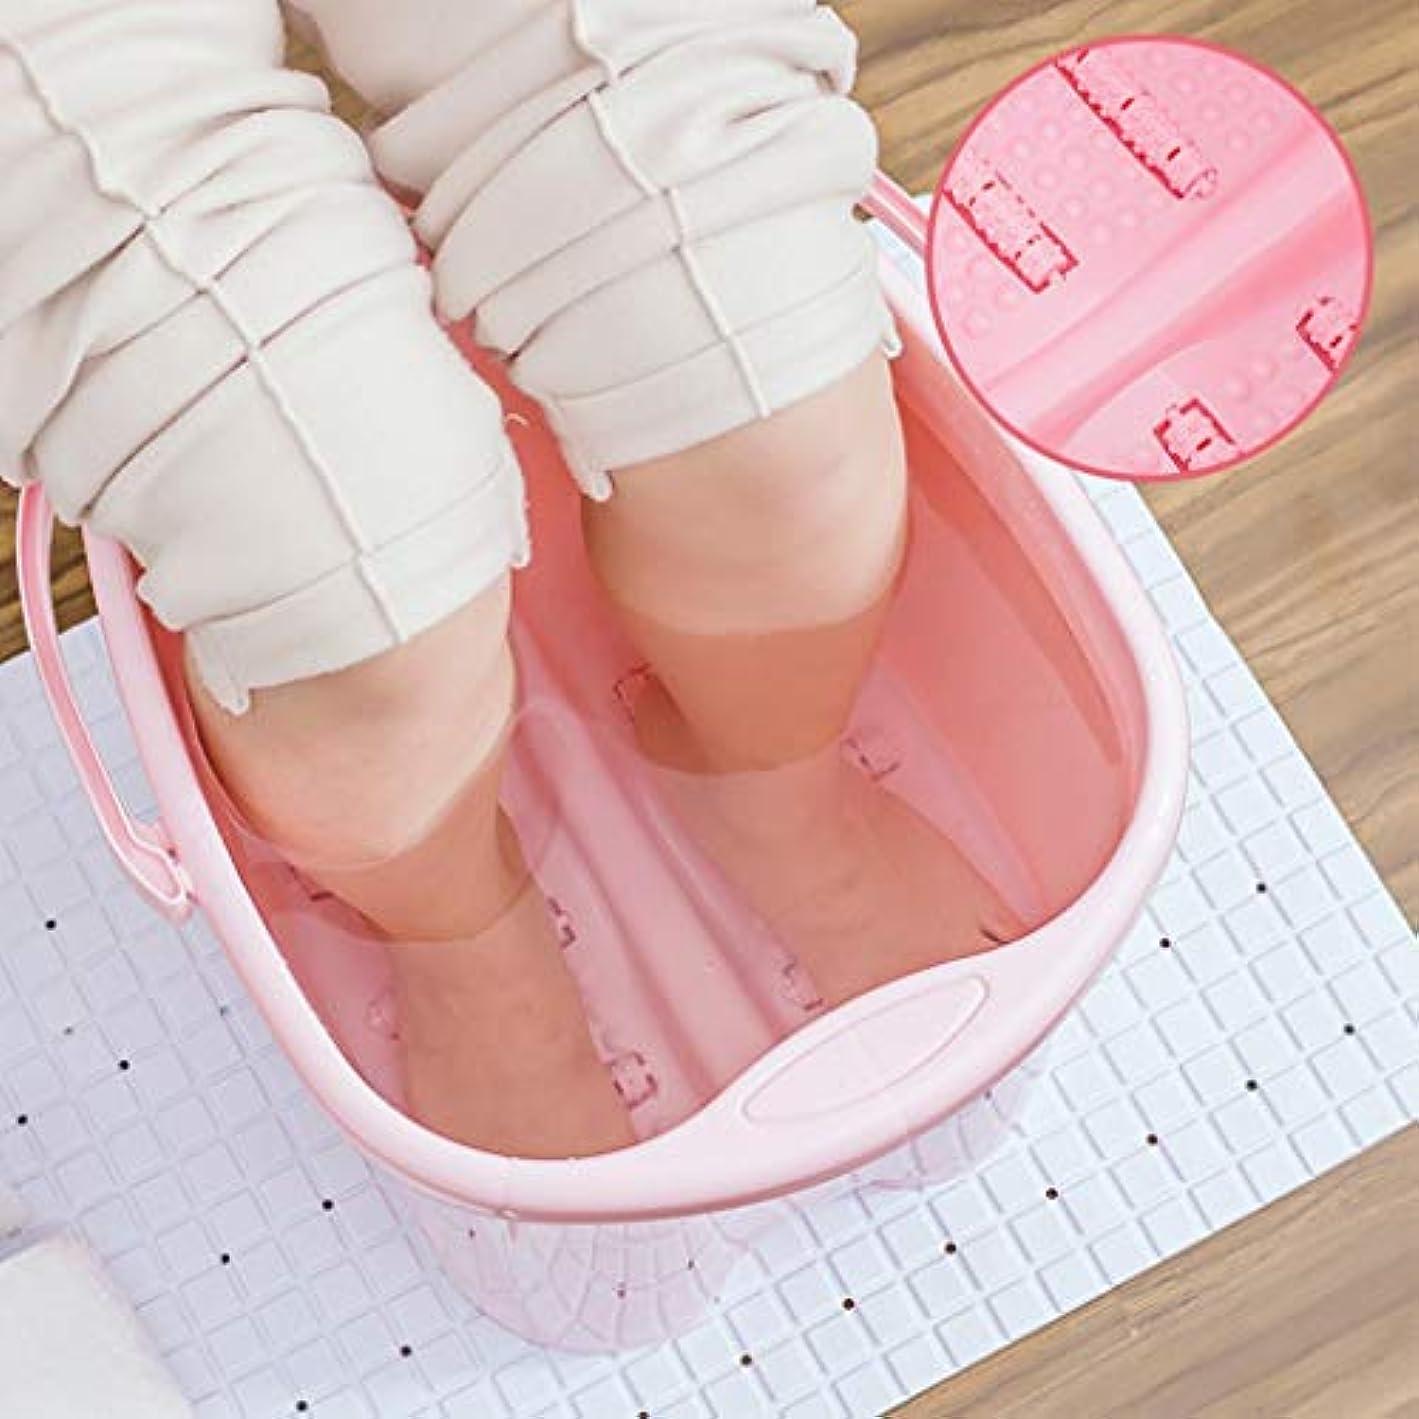 フットバスバレル- ?AMT携帯用高まりのマッサージの浴槽のふたの熱保存のフィートの洗面器の世帯が付いている大人のフットバスのバケツ Relax foot (色 : Pink, サイズ さいず : 23.5cm high)